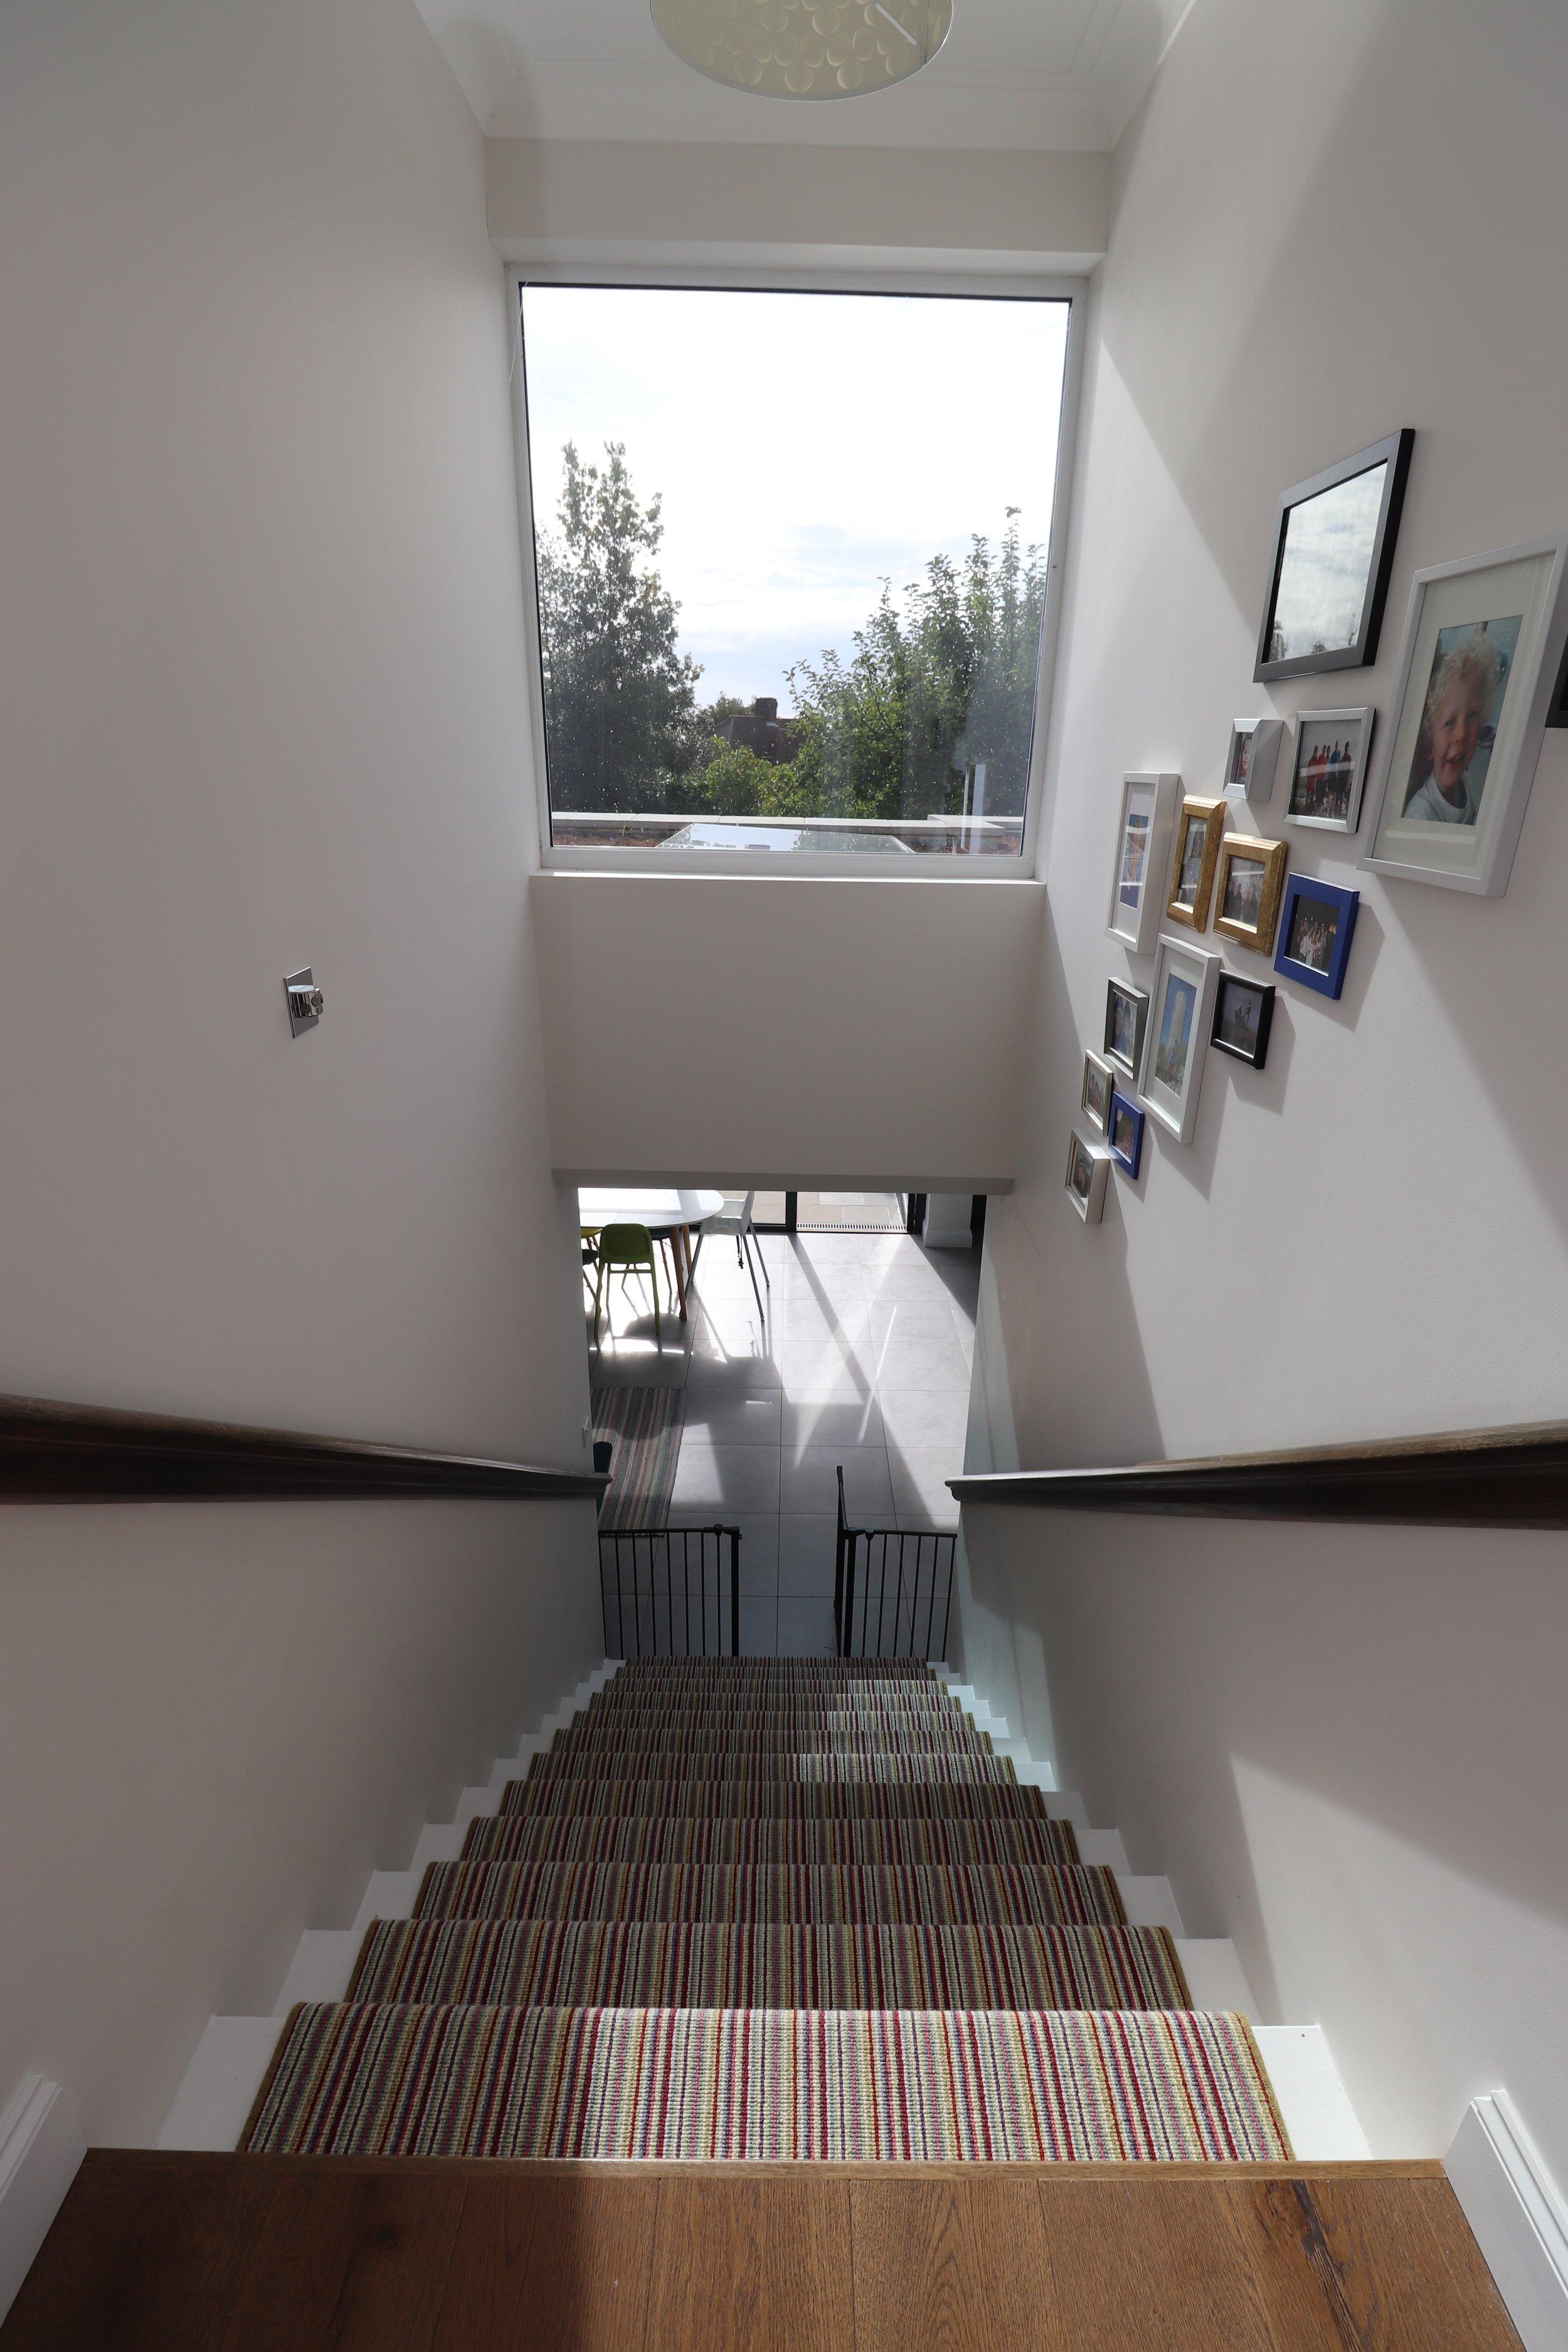 STAIRS, LARGE WINDOW.jpg